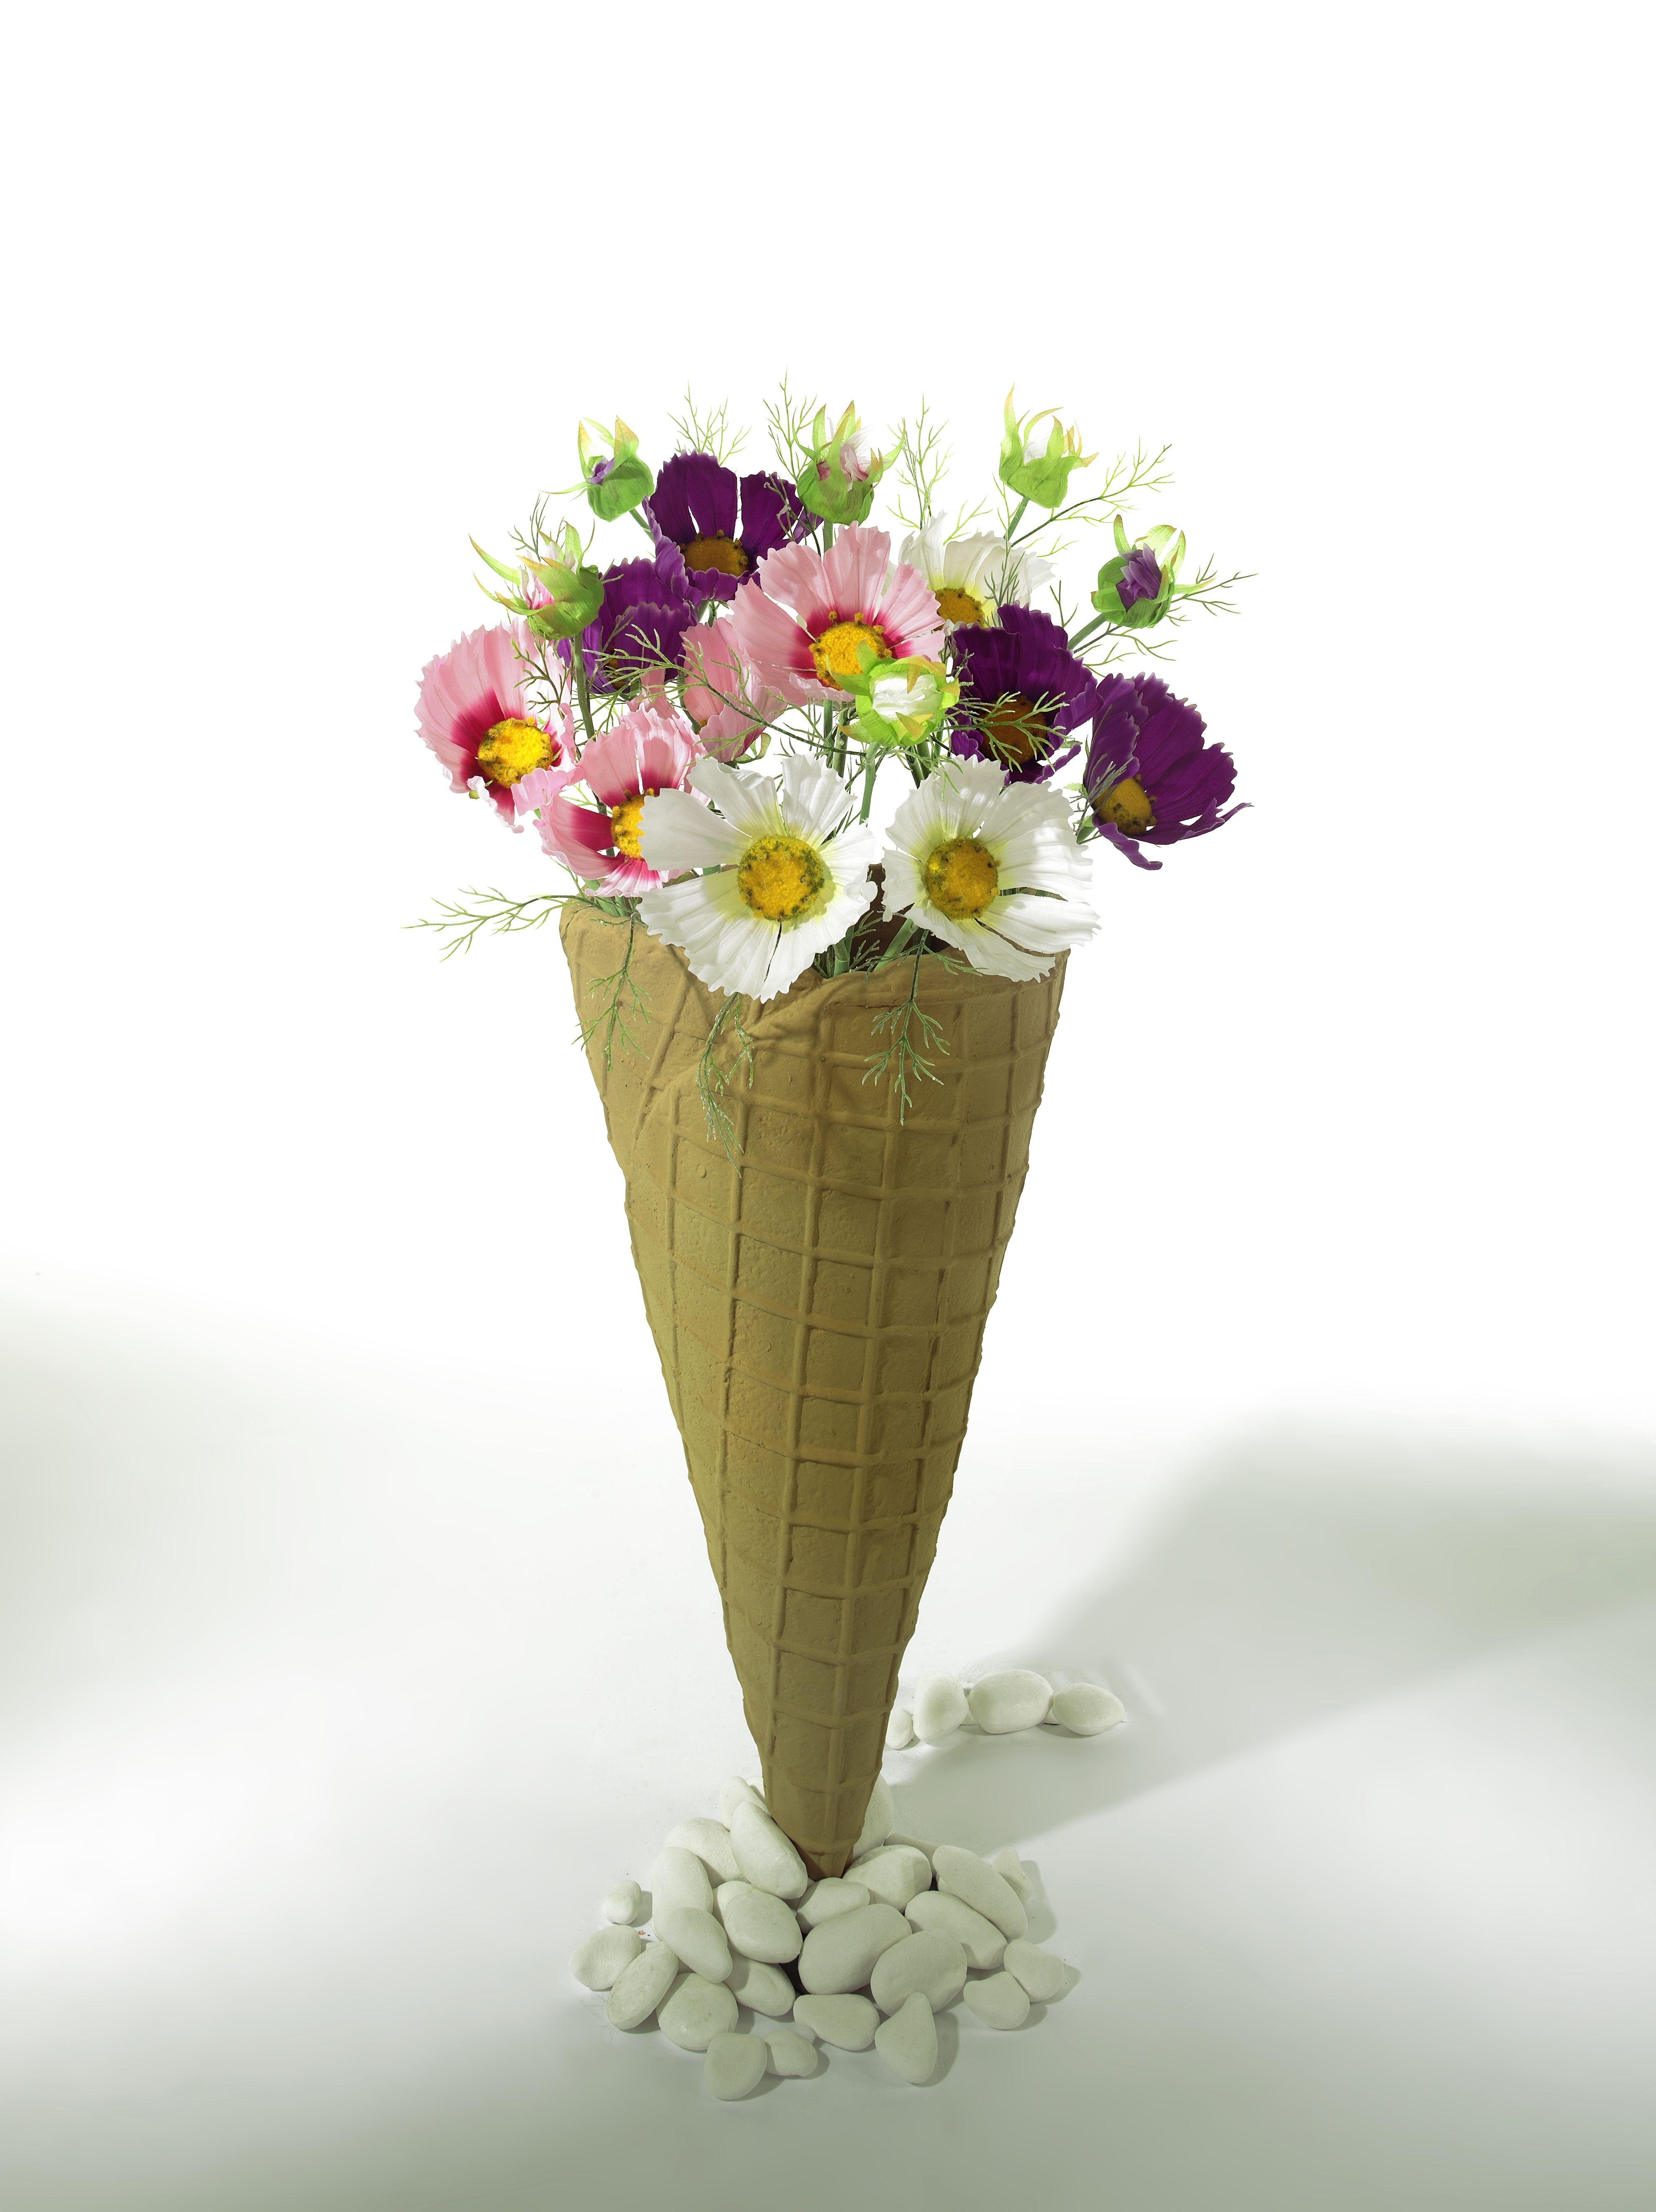 Flower Decoration In Ice Cream Cone Bloemen Versieringen Decoratie Ideeen